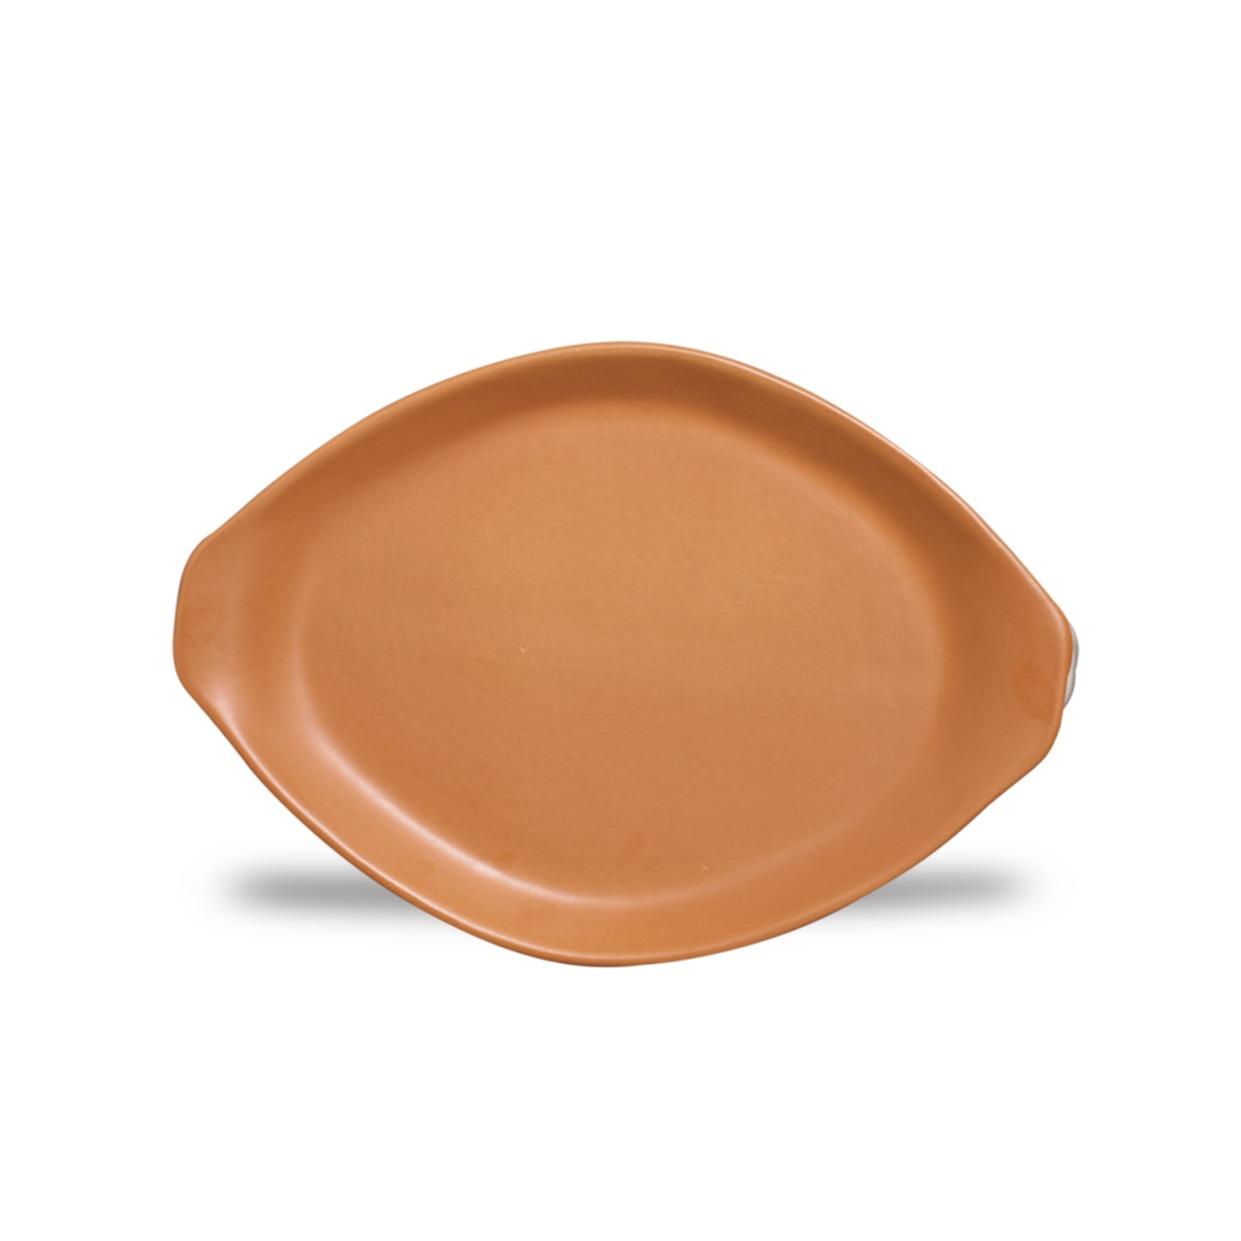 Travessa de Ceramica Oval Rasa 26 cm Tijolo - Nova Imagem